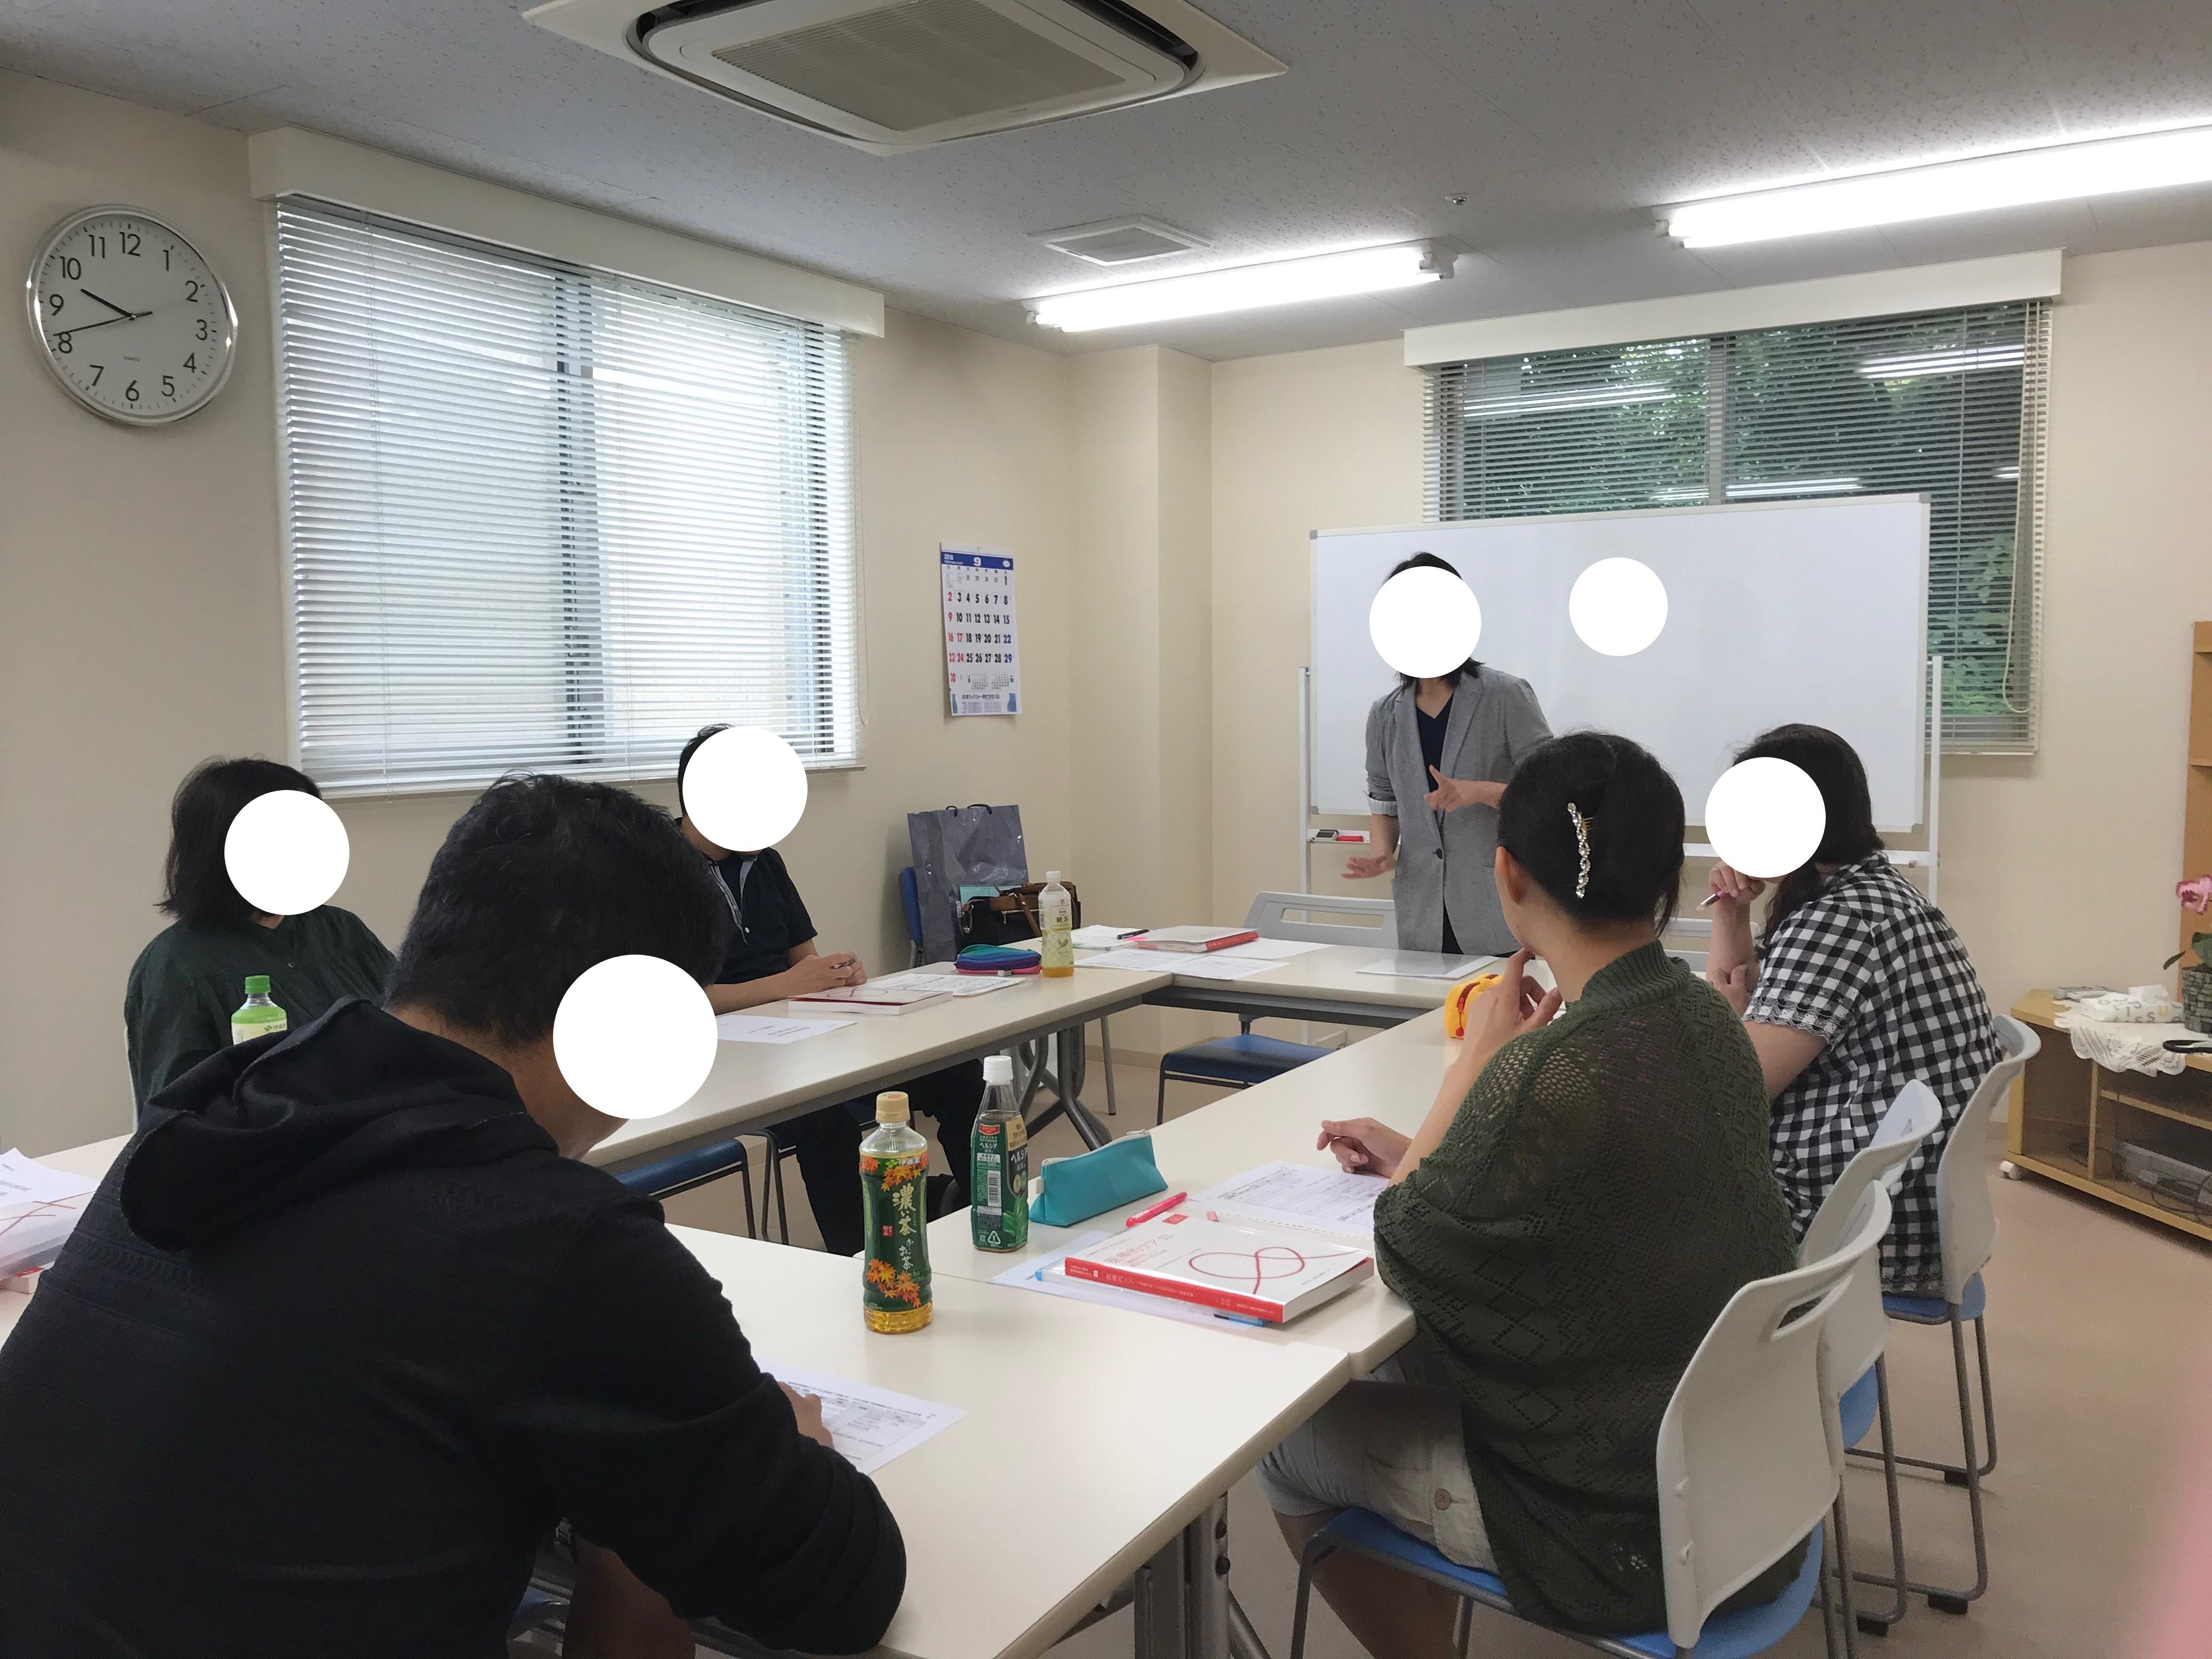 福岡県福岡市博多区 特別養護老人ホーム様(2班目)